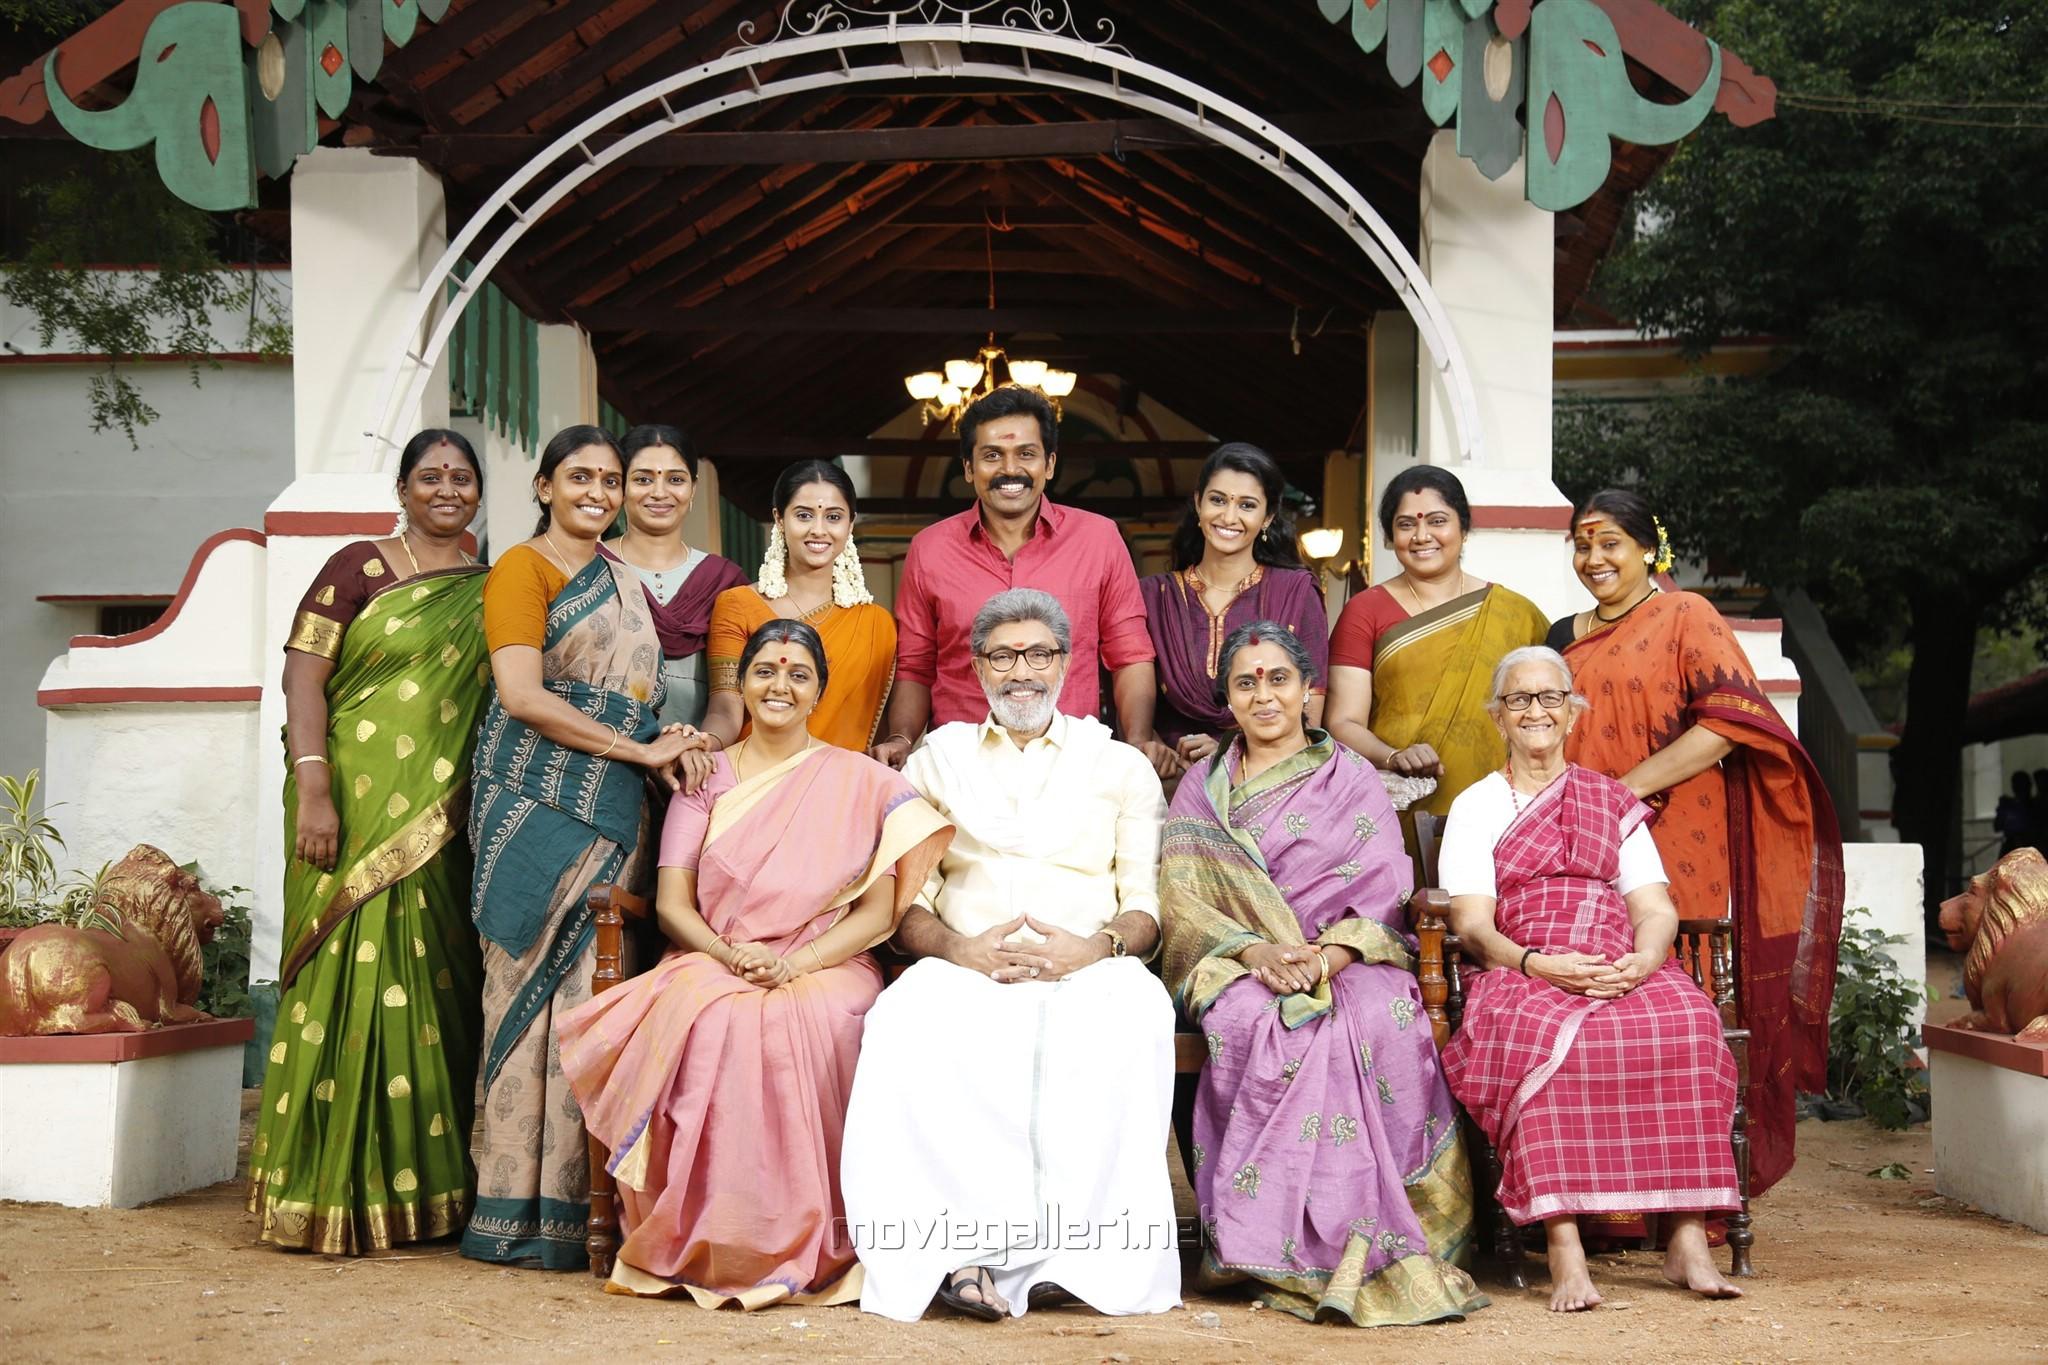 Sathyaraj, Bhanupriya, Viji, Karthi, Priya Bhavani Shankar, Arthana Binu in Kadaikutty Singam Movie Review